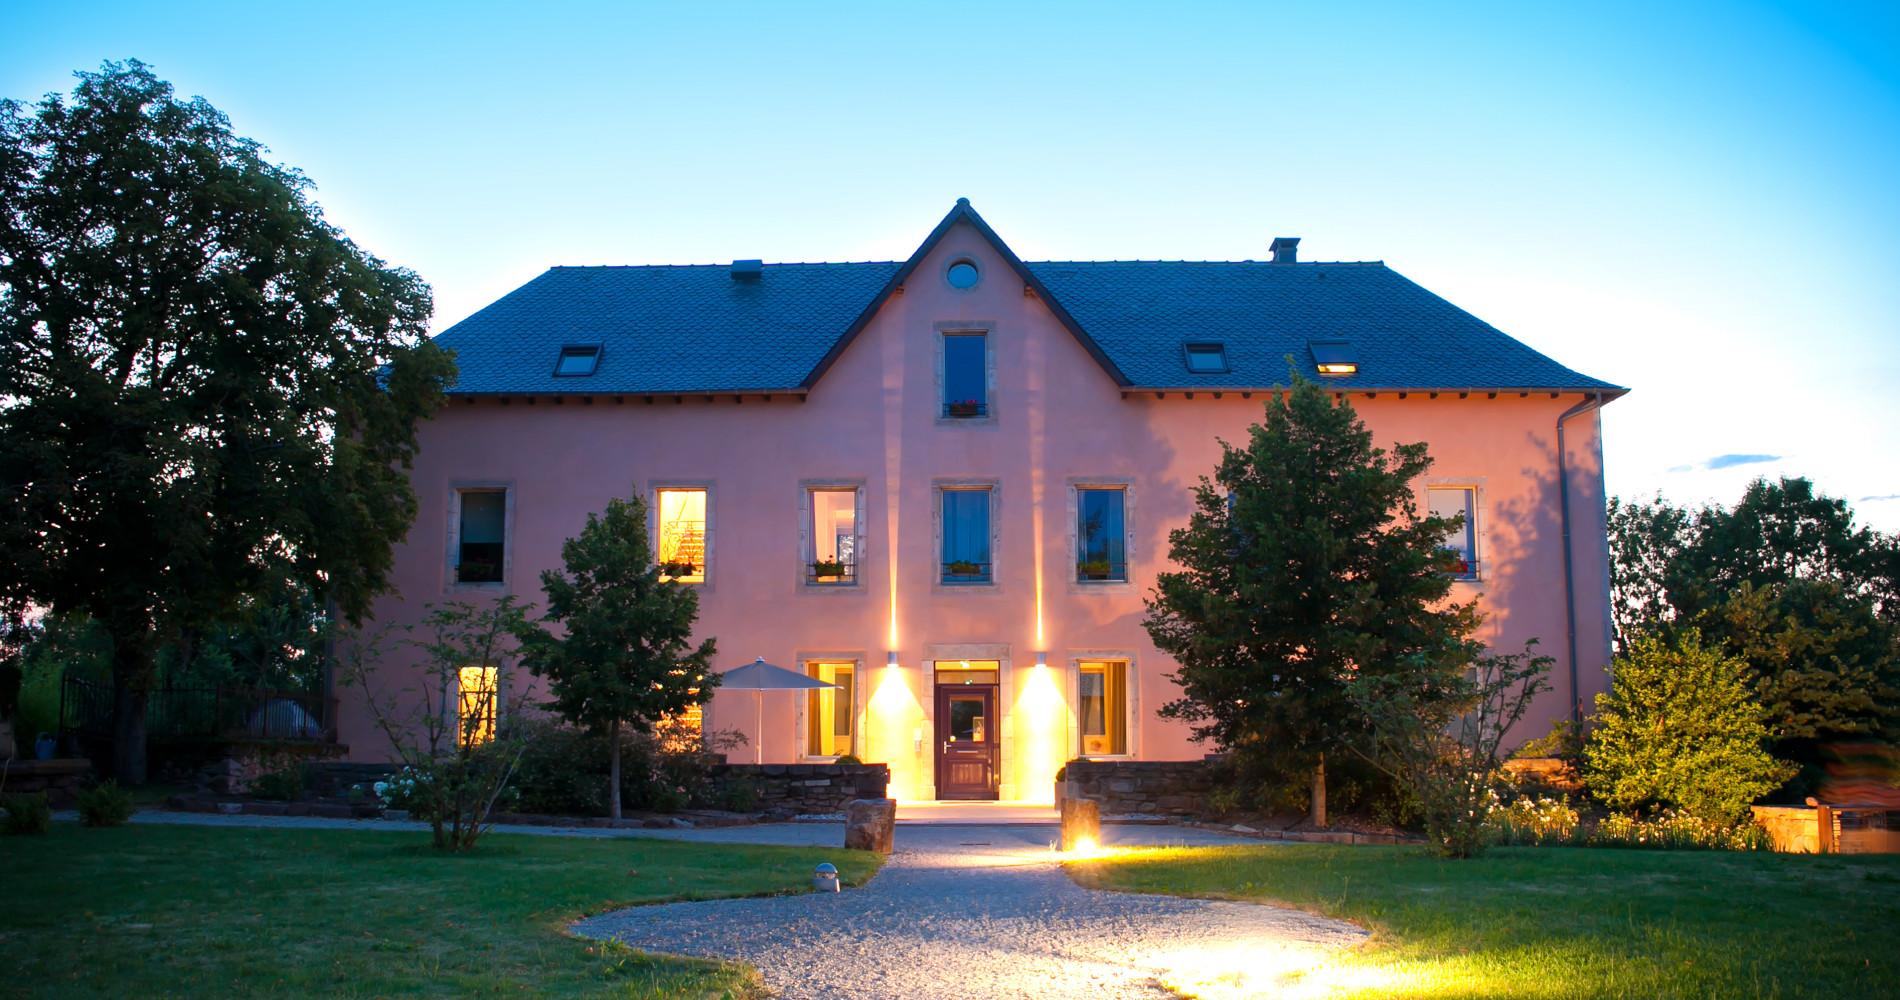 Hotel La ferme de Bourran 4 etoiles Rodez aveyron jardin de nuit